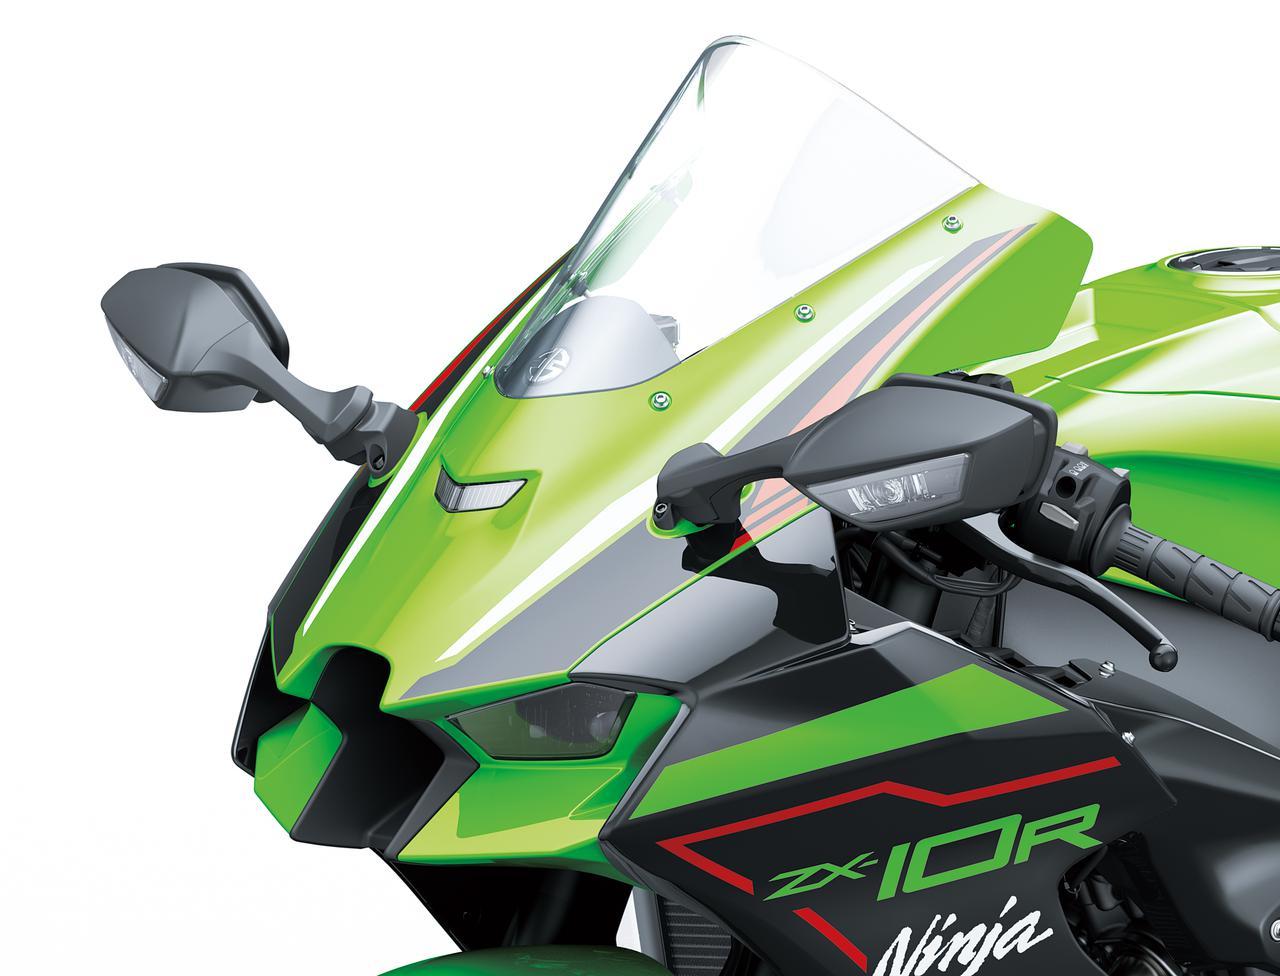 画像3: カワサキ「Ninja ZX-10R」(2021年モデル)概要